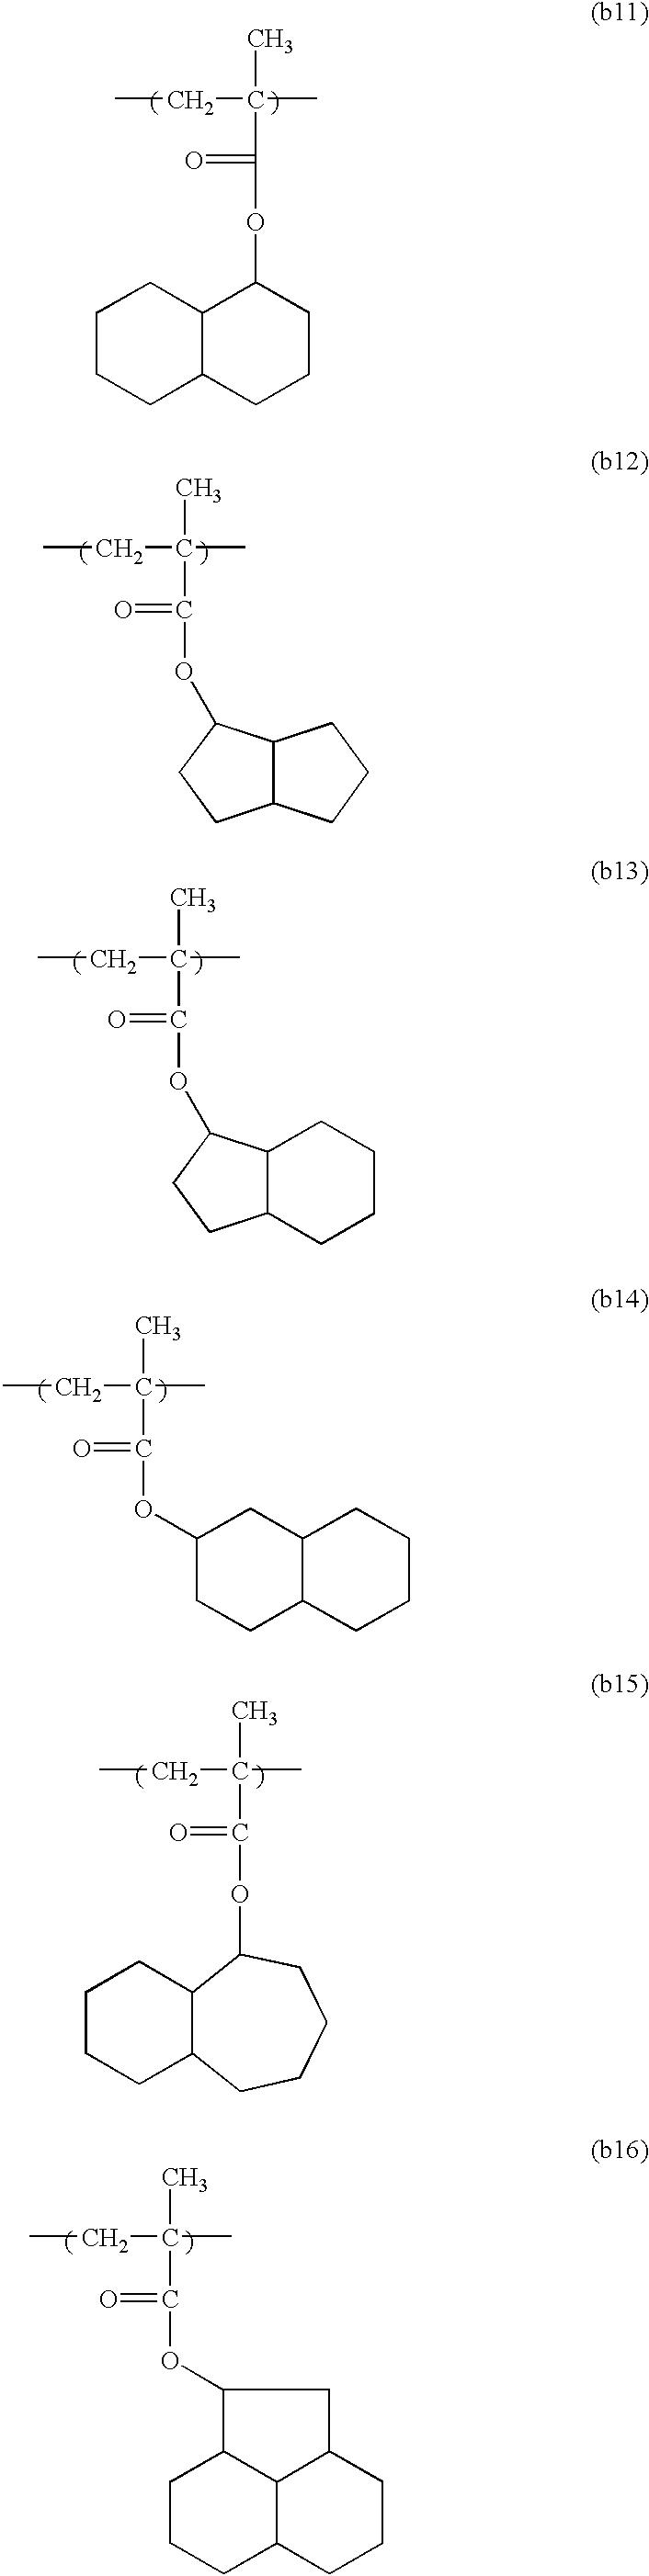 Figure US06492091-20021210-C00056